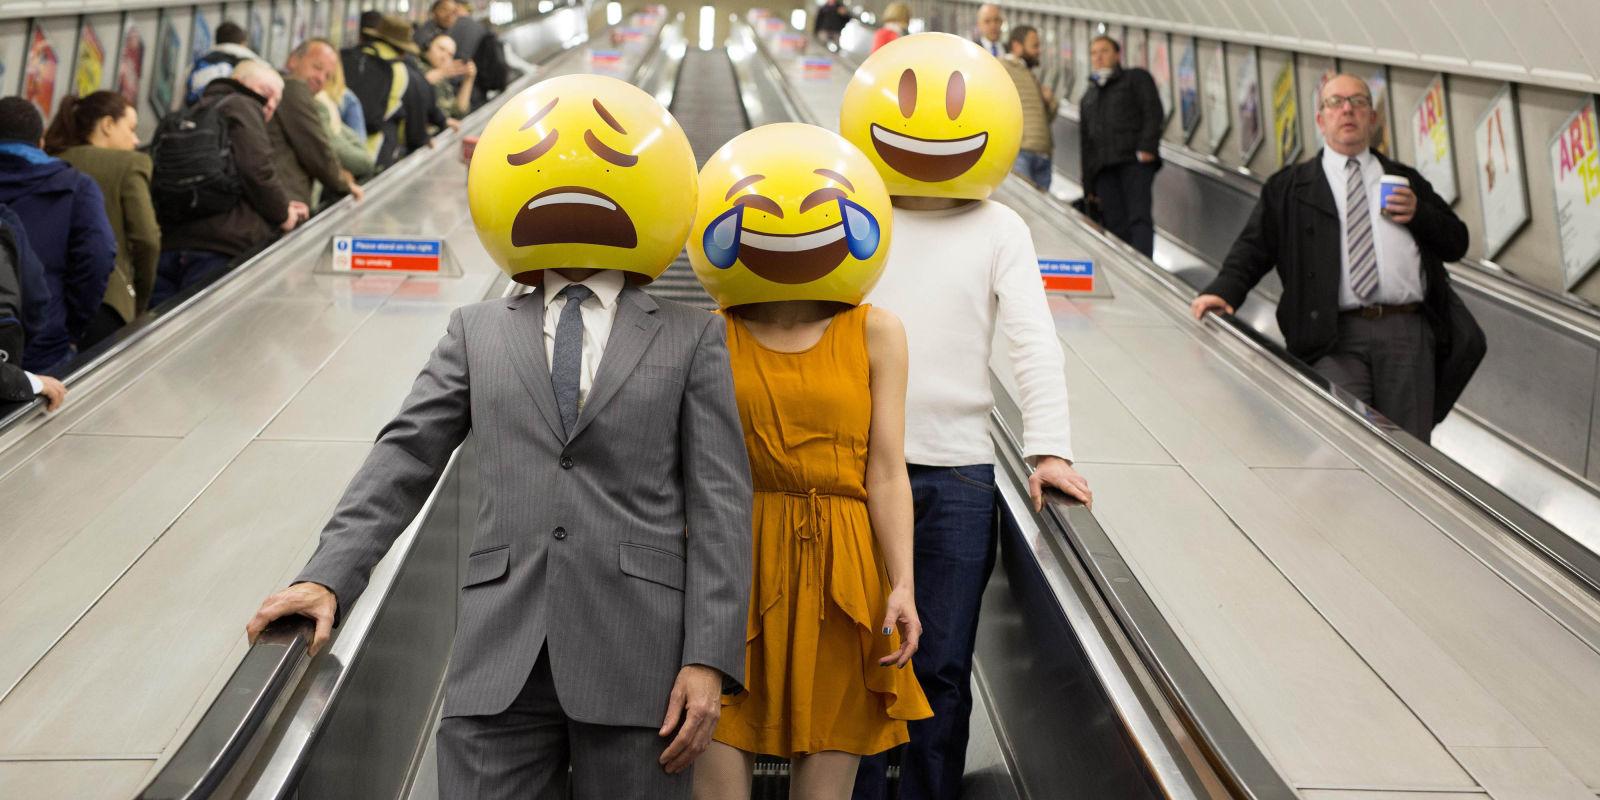 Trzy osoby na schodach ruchomych z emoji zamiast twarzy